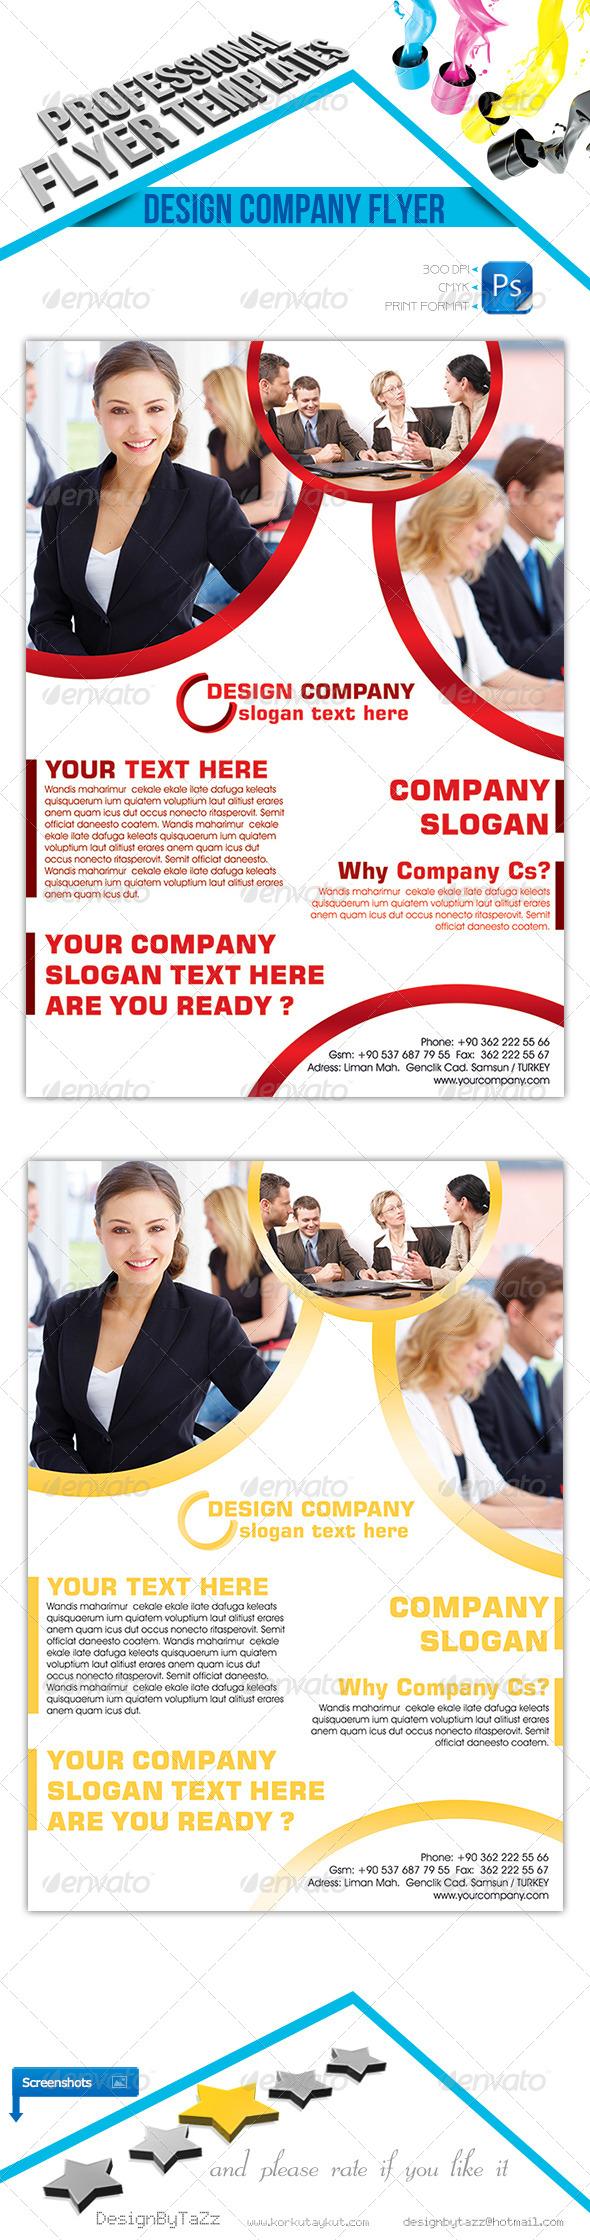 GraphicRiver Design Company Flyer Template 4651105